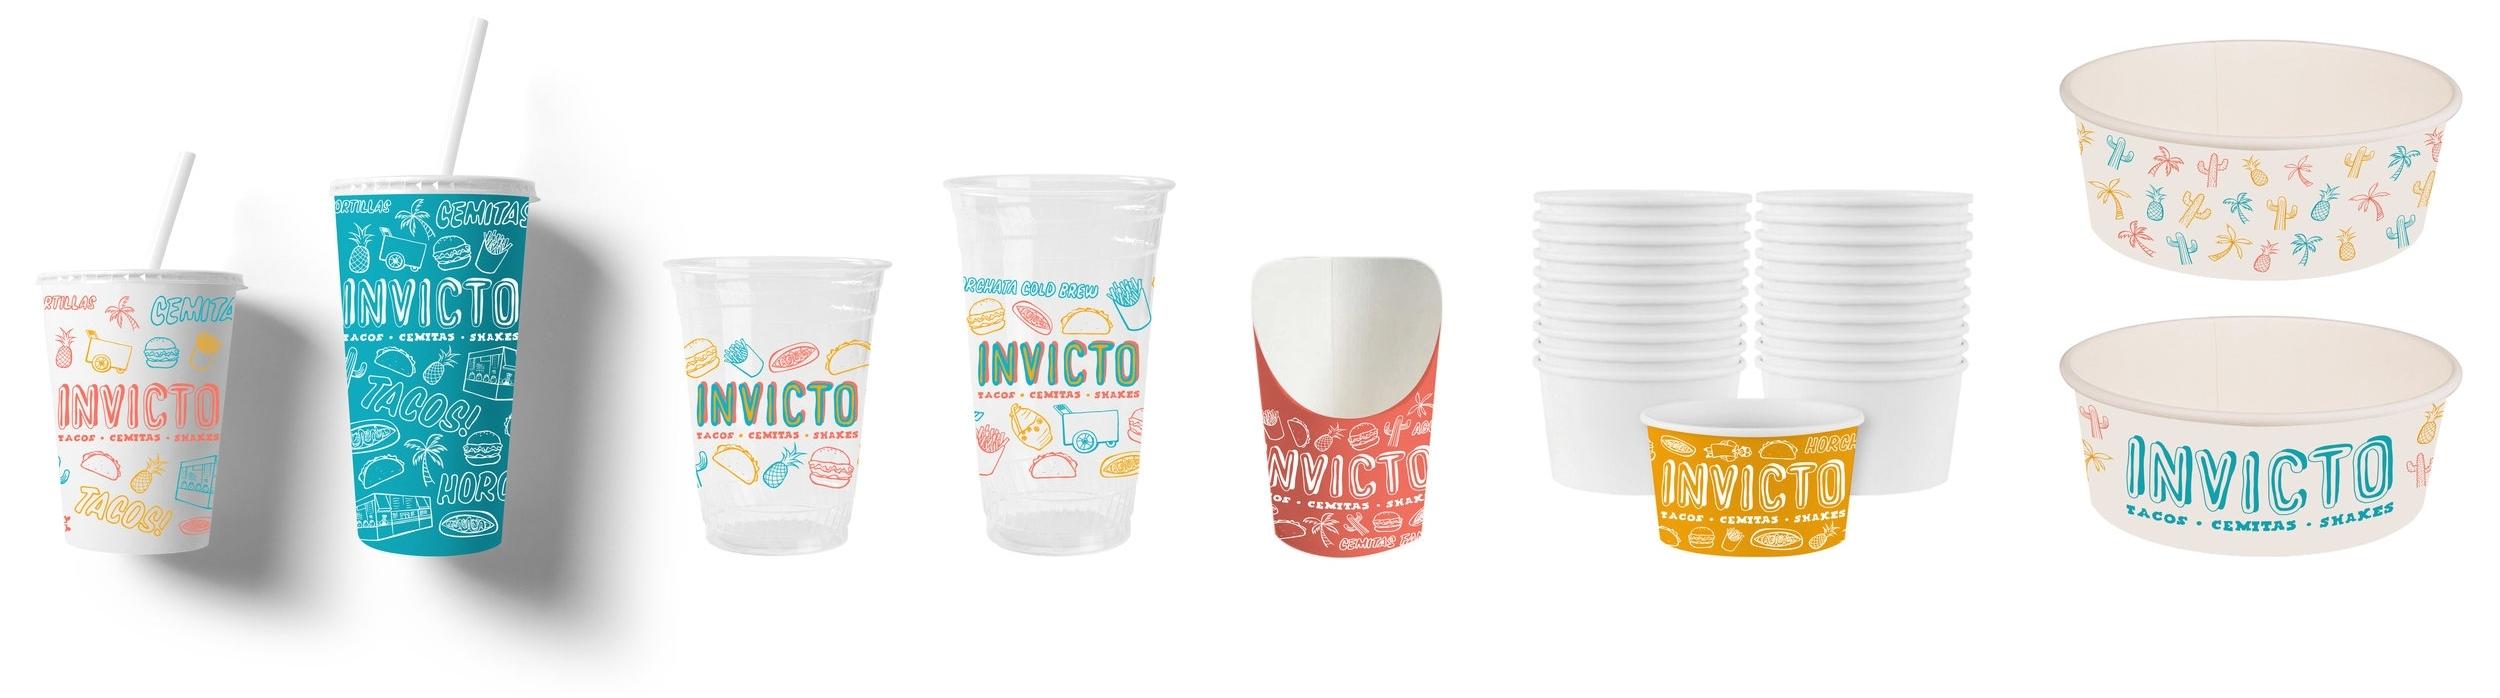 Packaging-Altogether-2.jpg